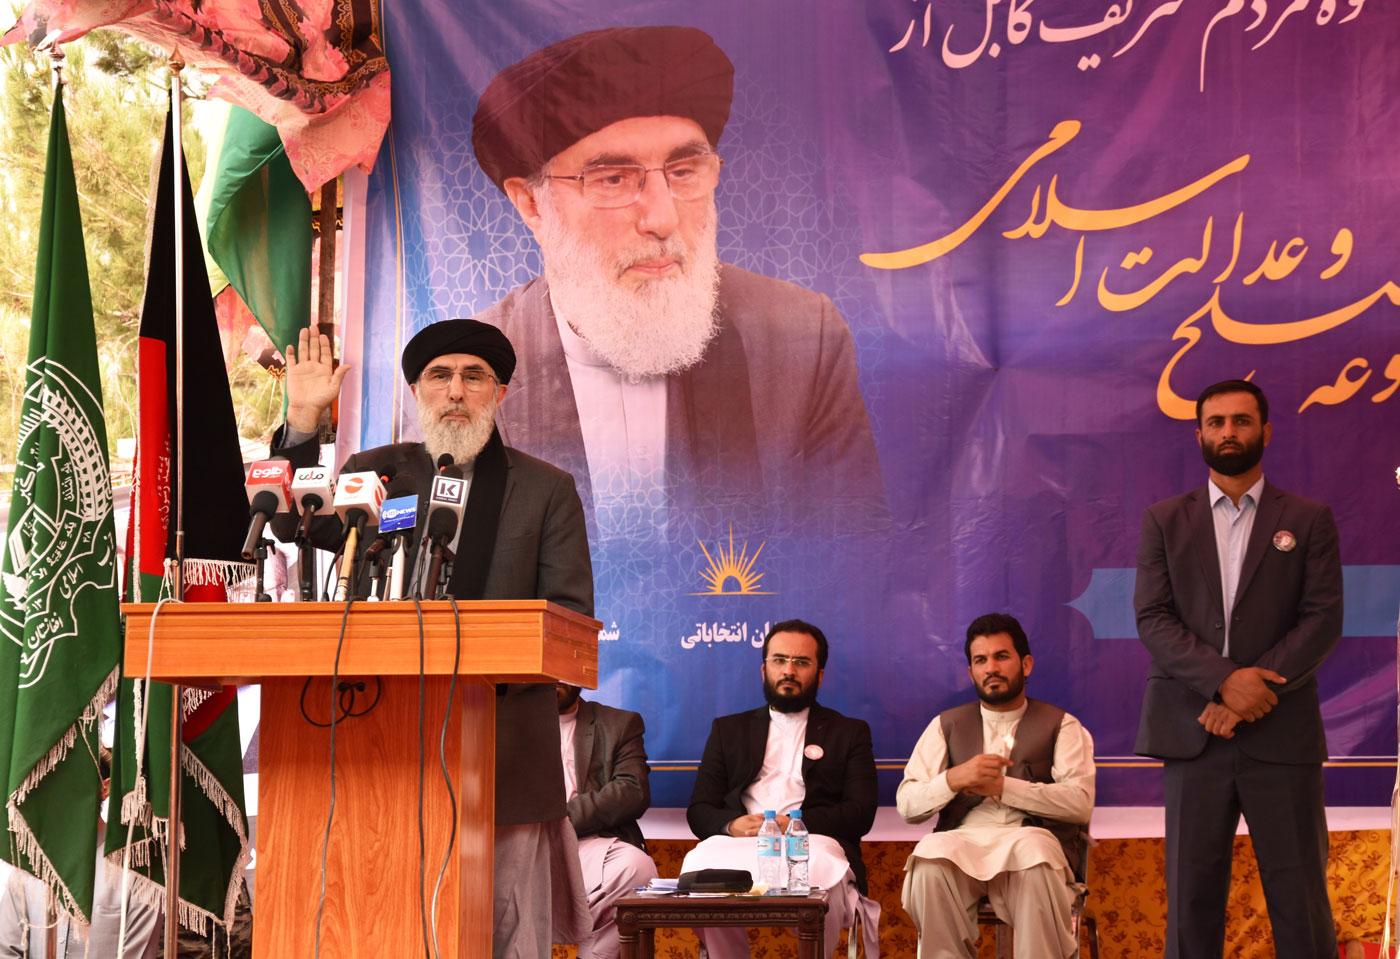 El criminal de guerra Gulbuddin Hekmatyar, durant el seu discurs al míting electoral de final de campanya, dimecres a Kabul.